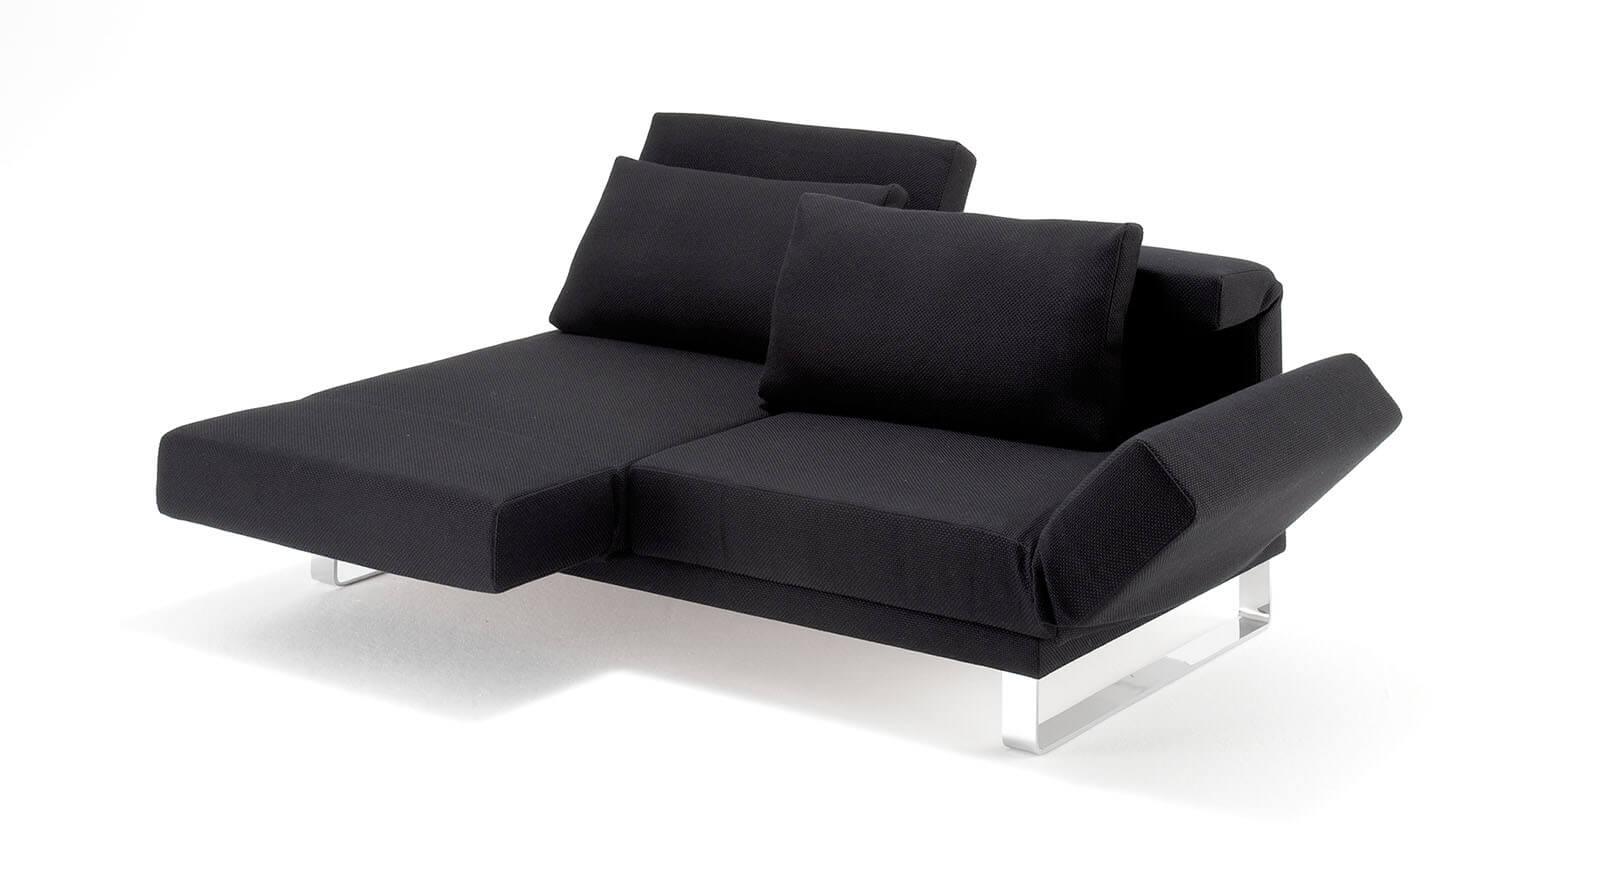 sofabed riga by franz fertig. Black Bedroom Furniture Sets. Home Design Ideas